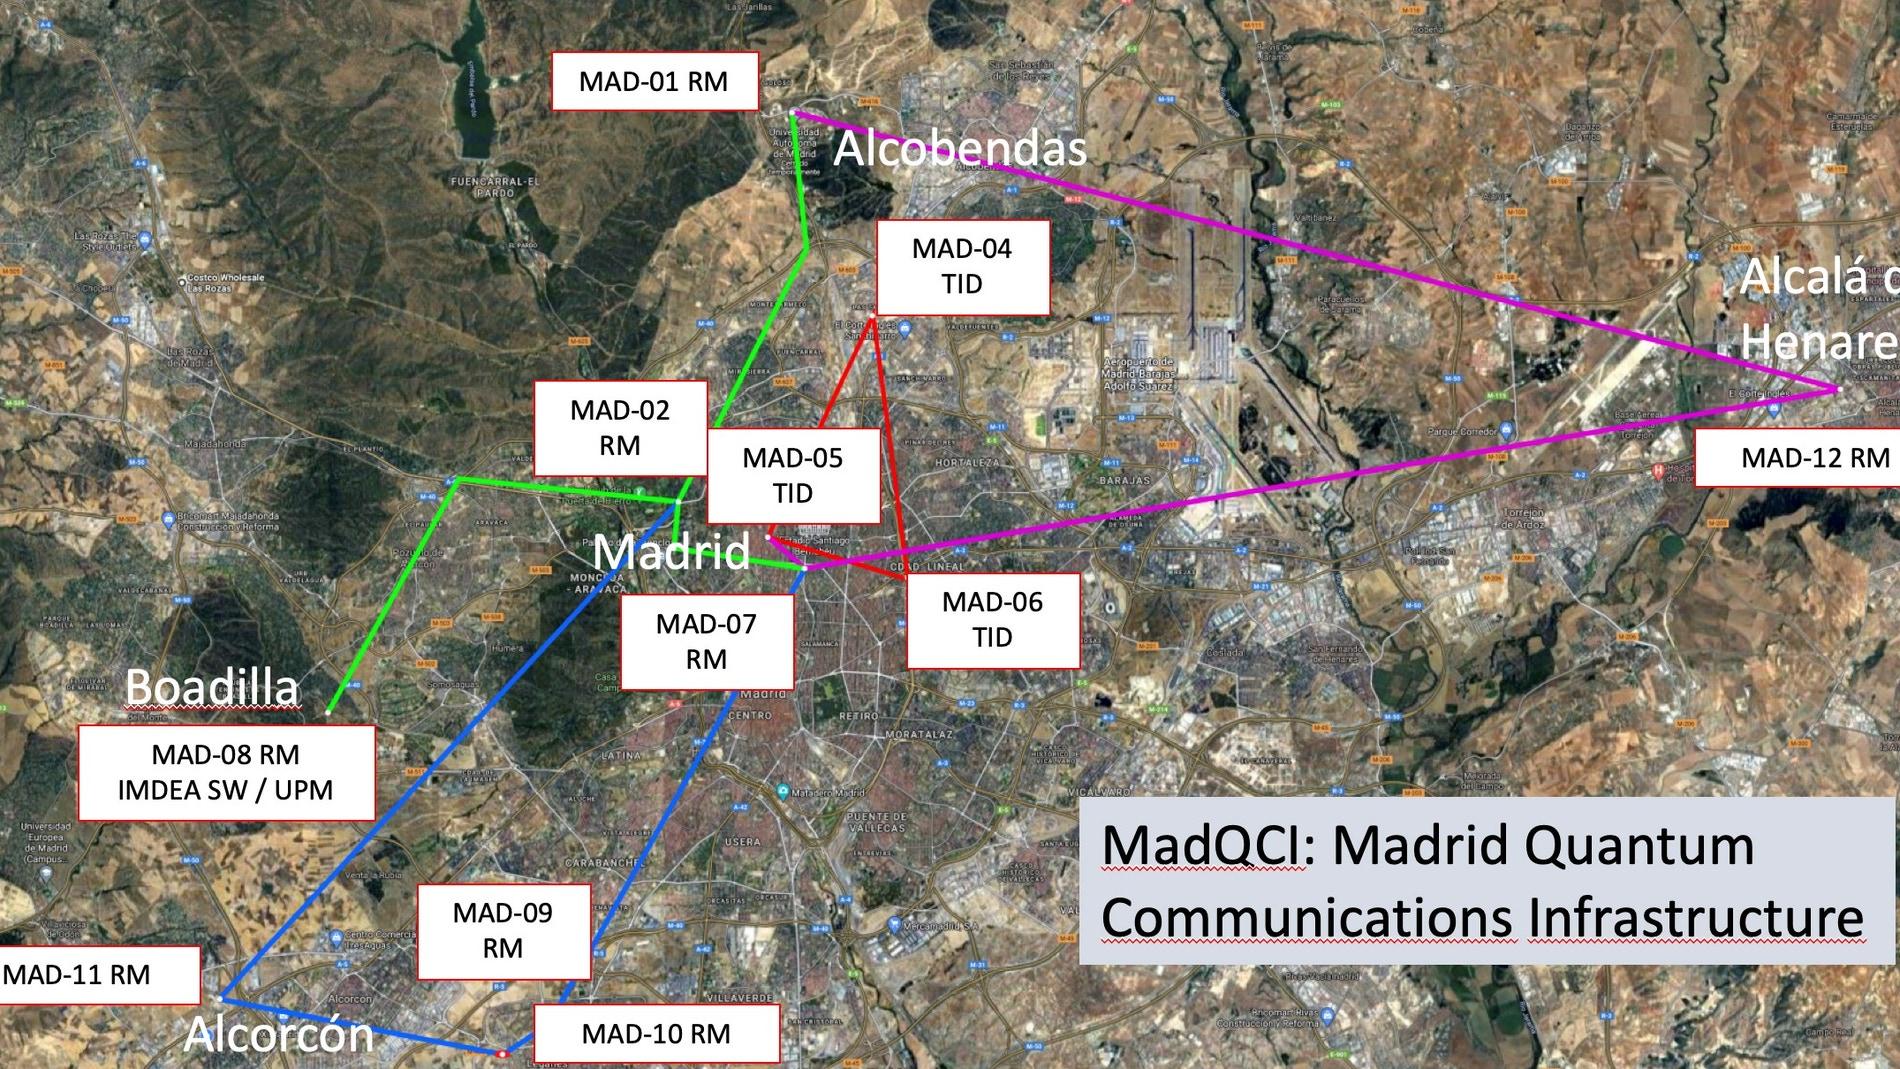 La red de comunicacion cuantica de Madrid no deja de crecer